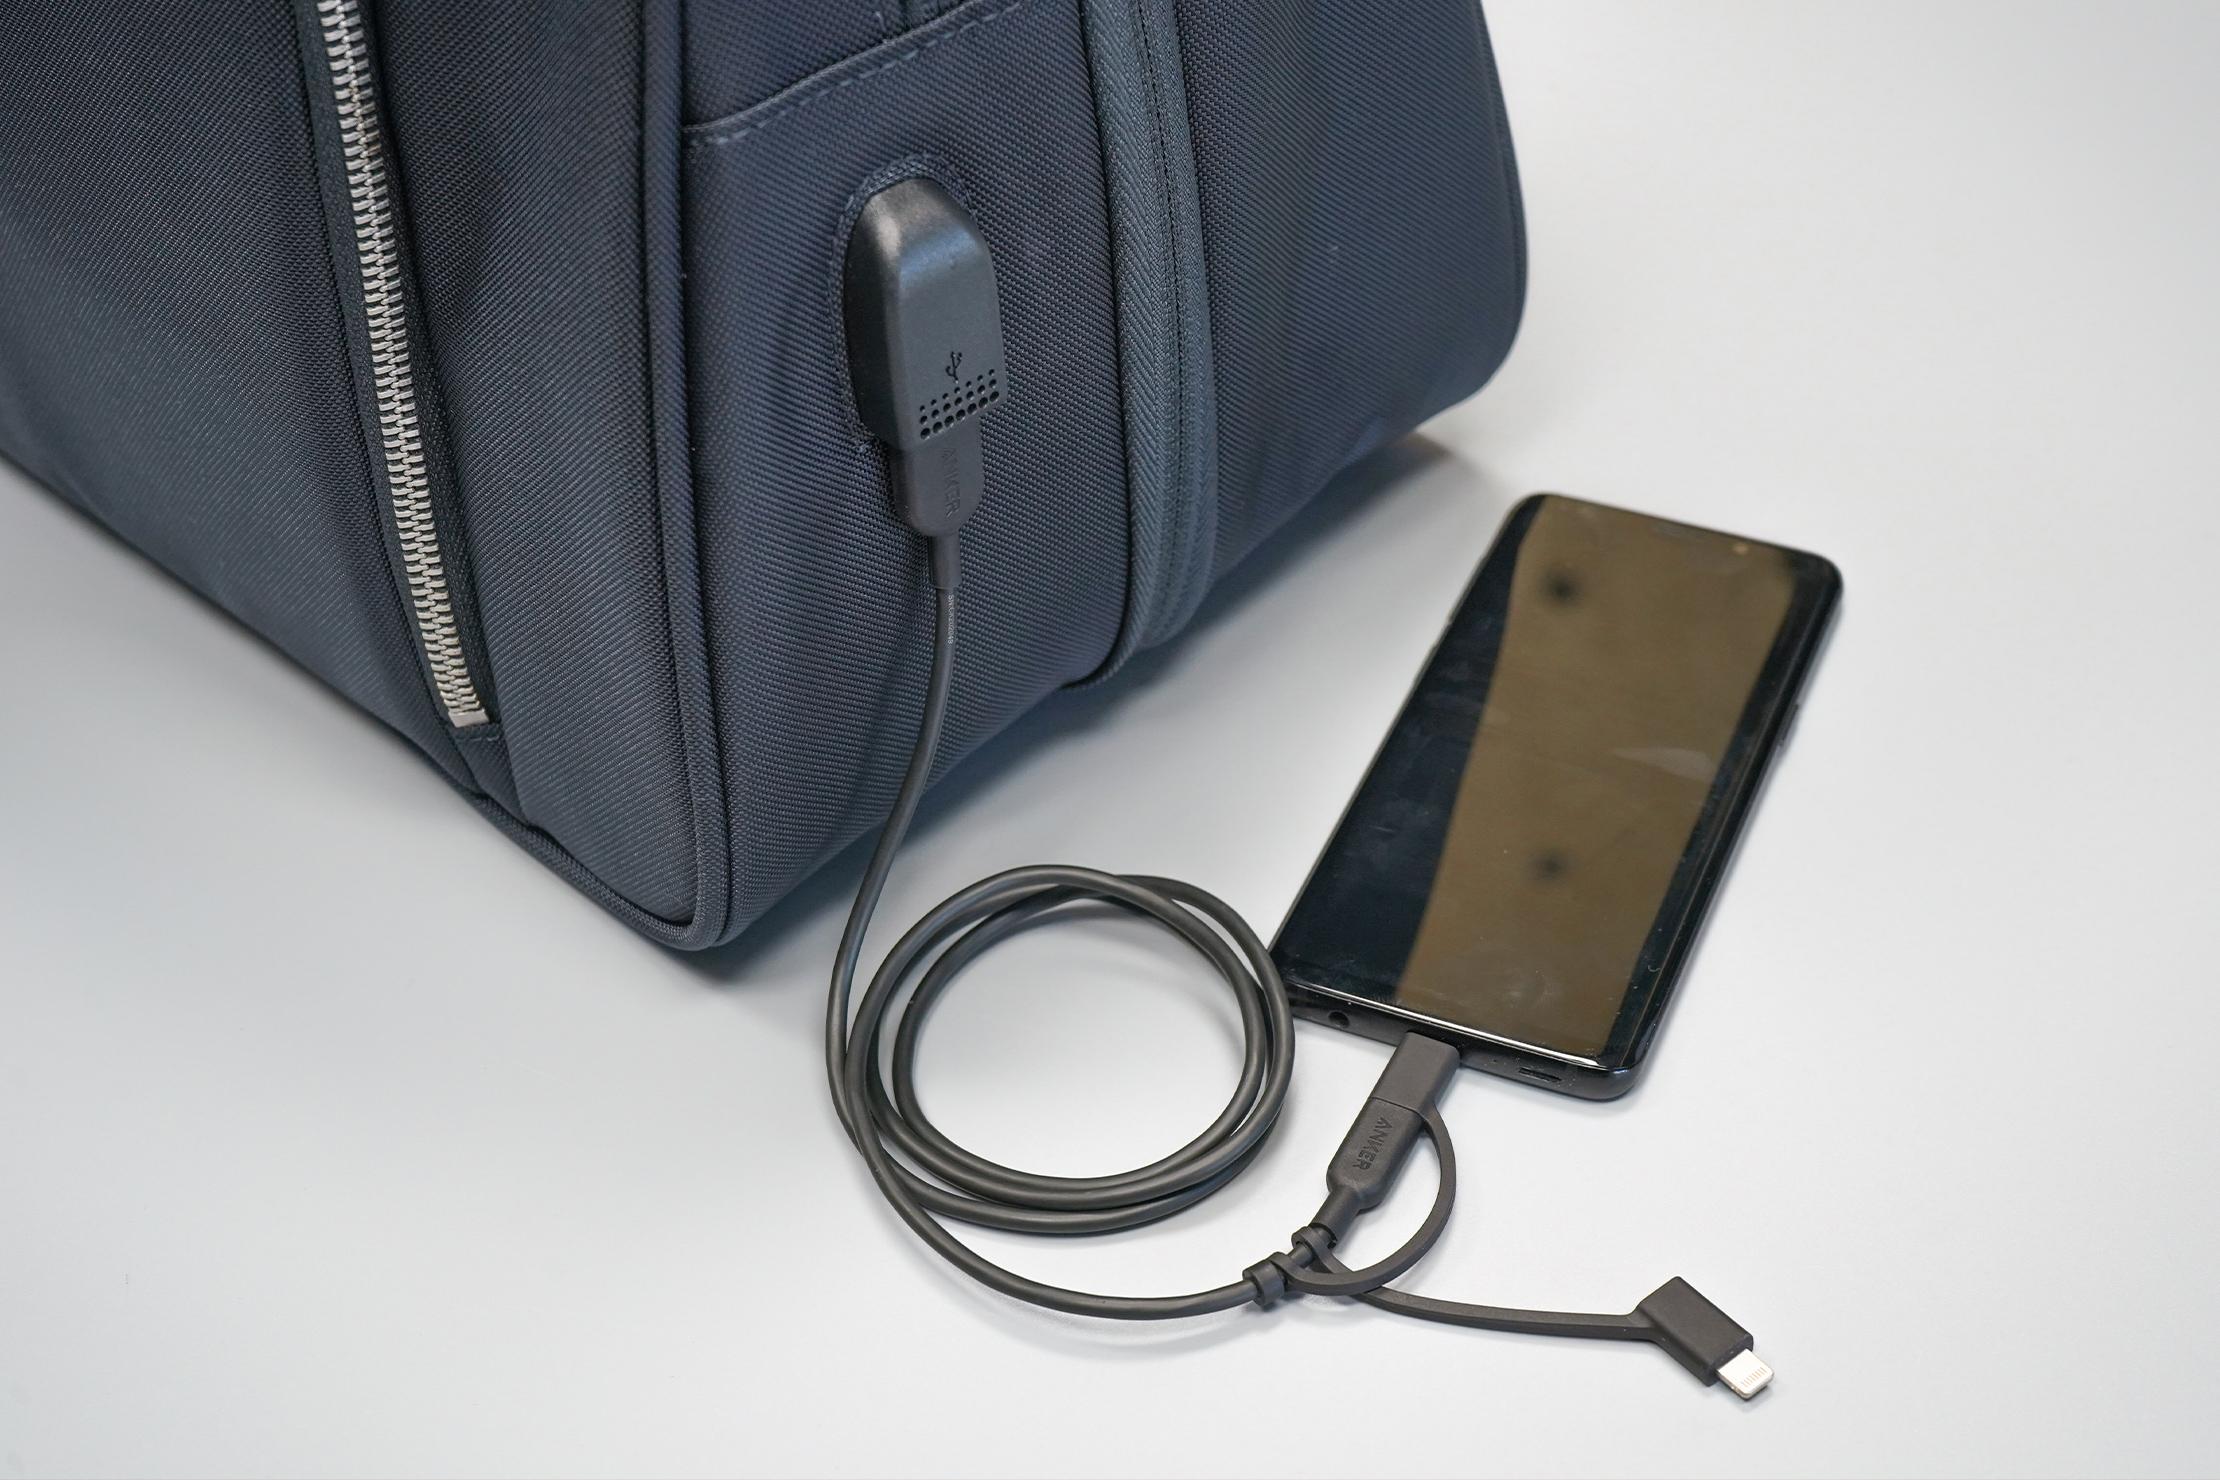 Nomad Lane Bento Bag Sport Edition changing port